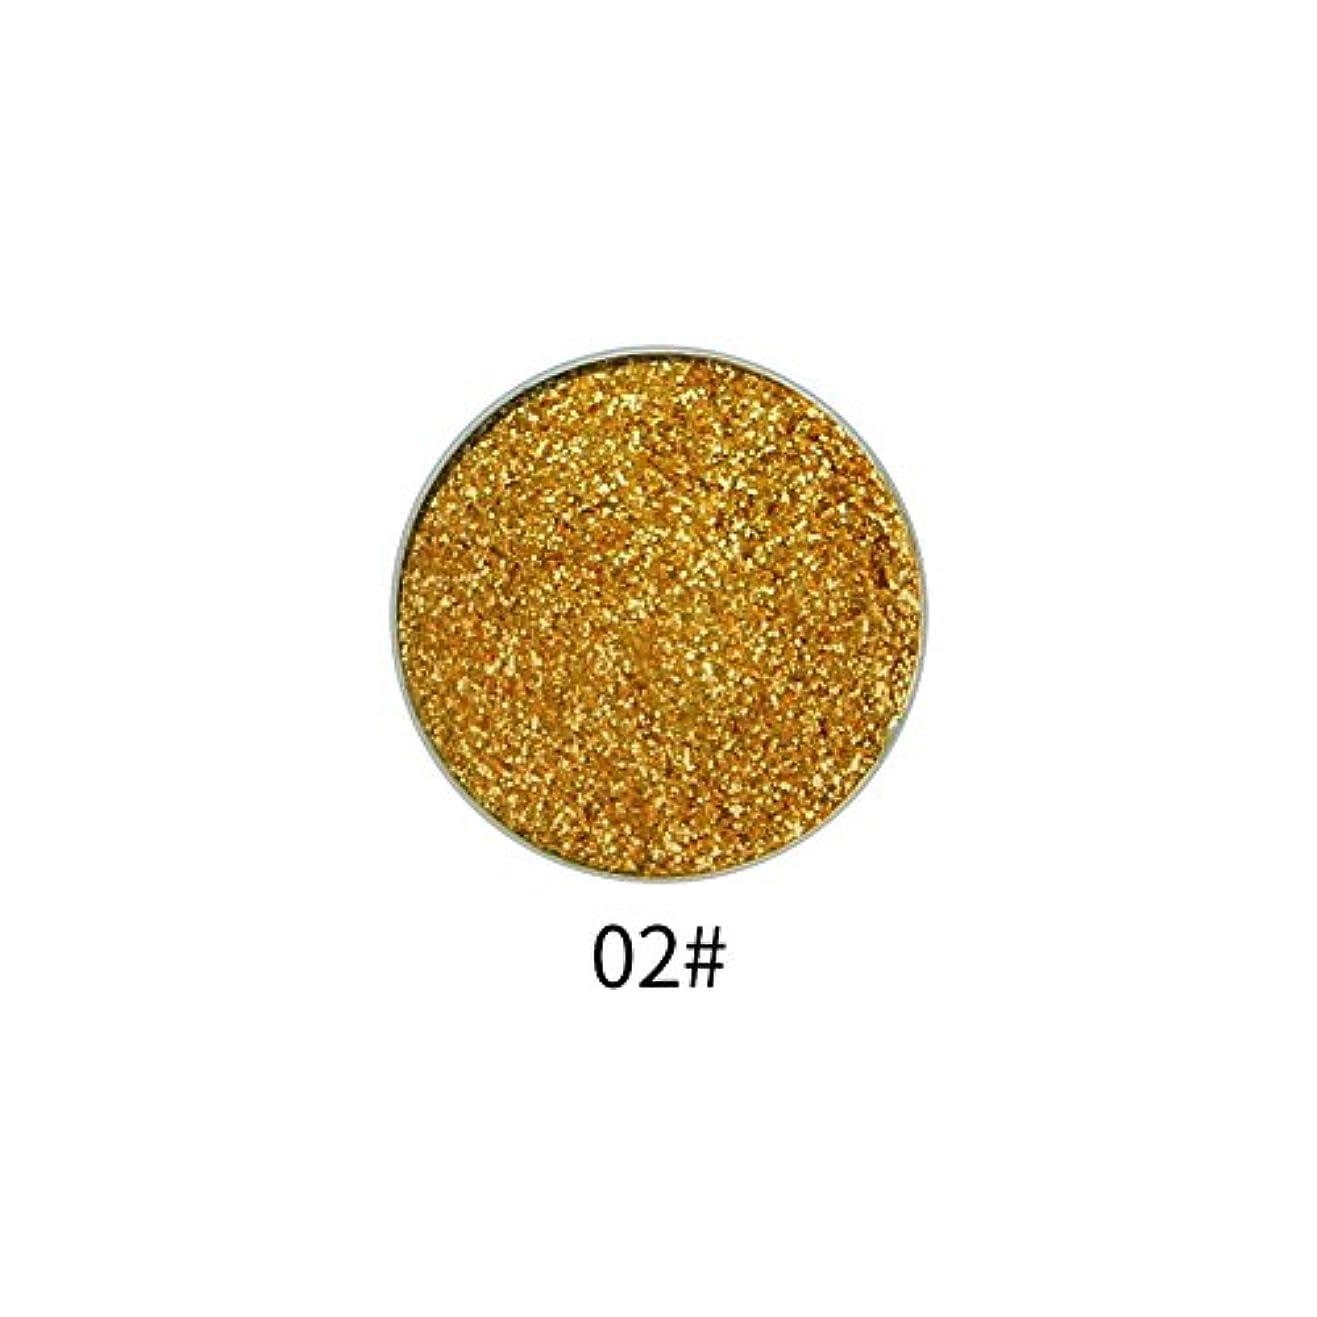 立法ファシズムテスピアン9色アイシャドウパレット顔料シャイニングパウダーマットグリッターアイシャドウパウダー(2)